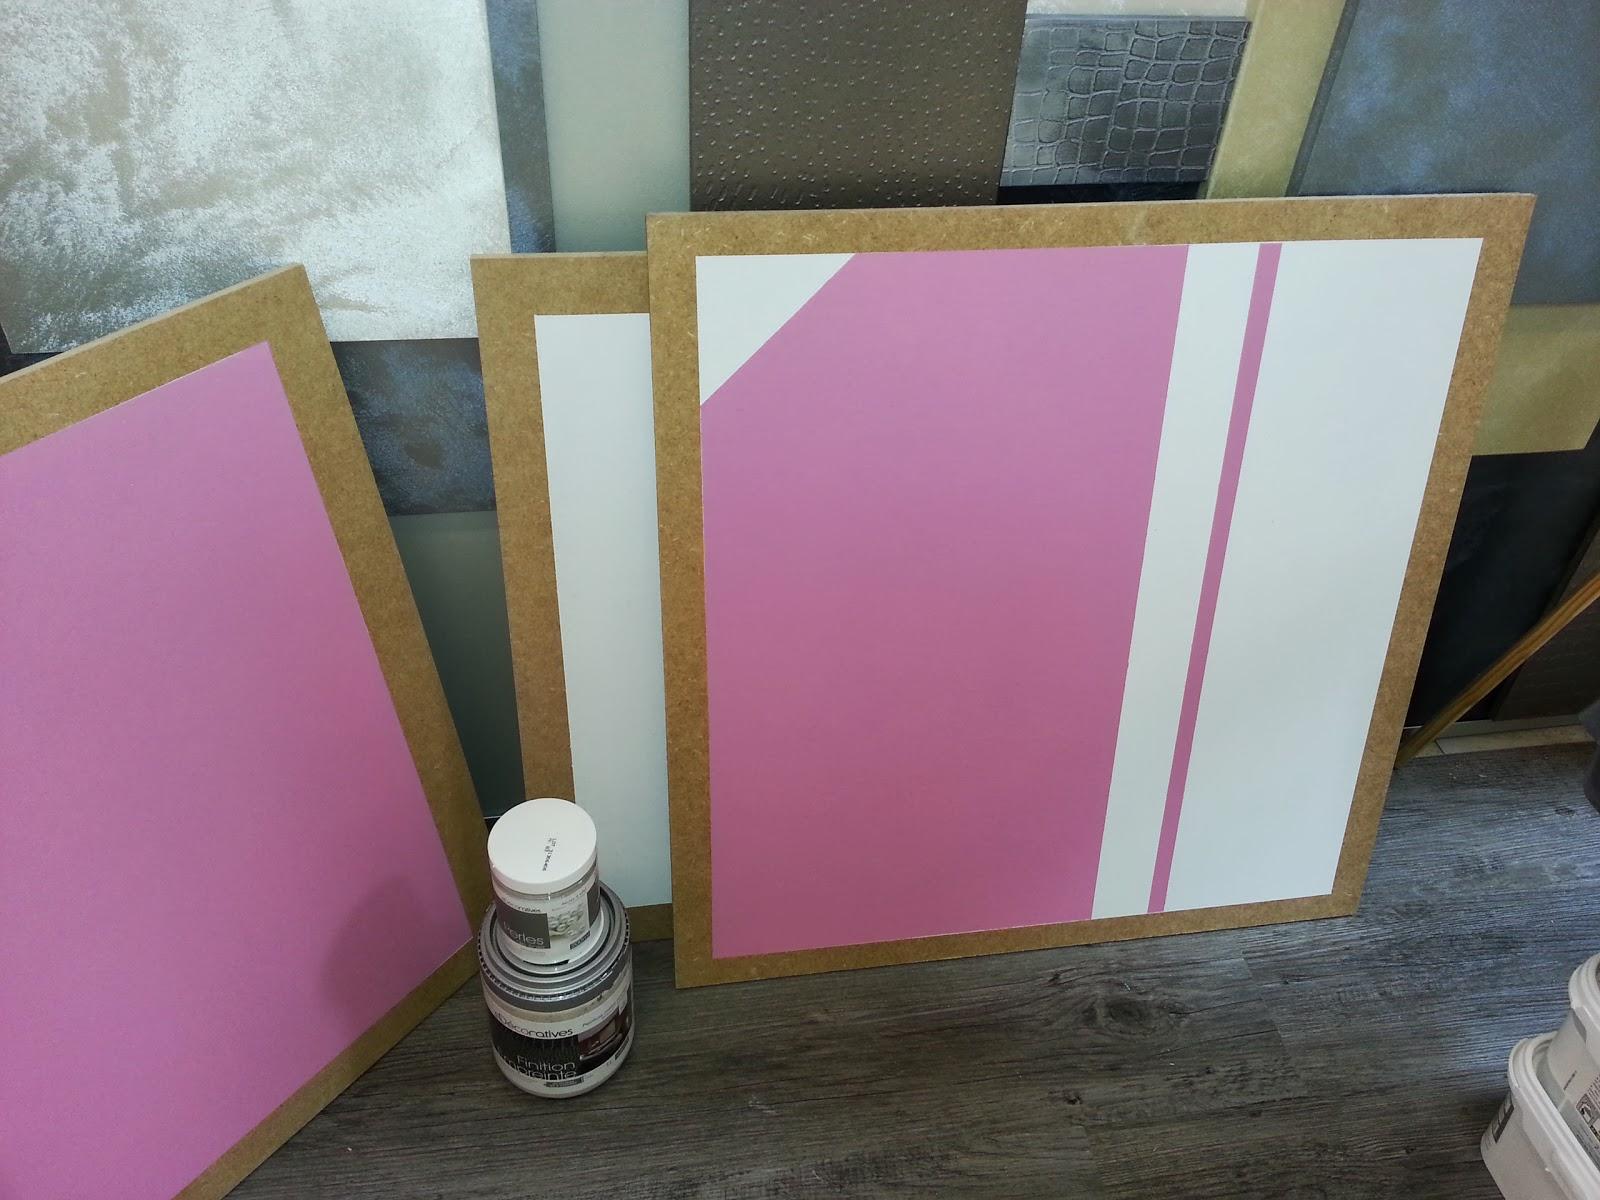 Peinture paillette nouveaux coloris les d coratives for Peinture avec paillette